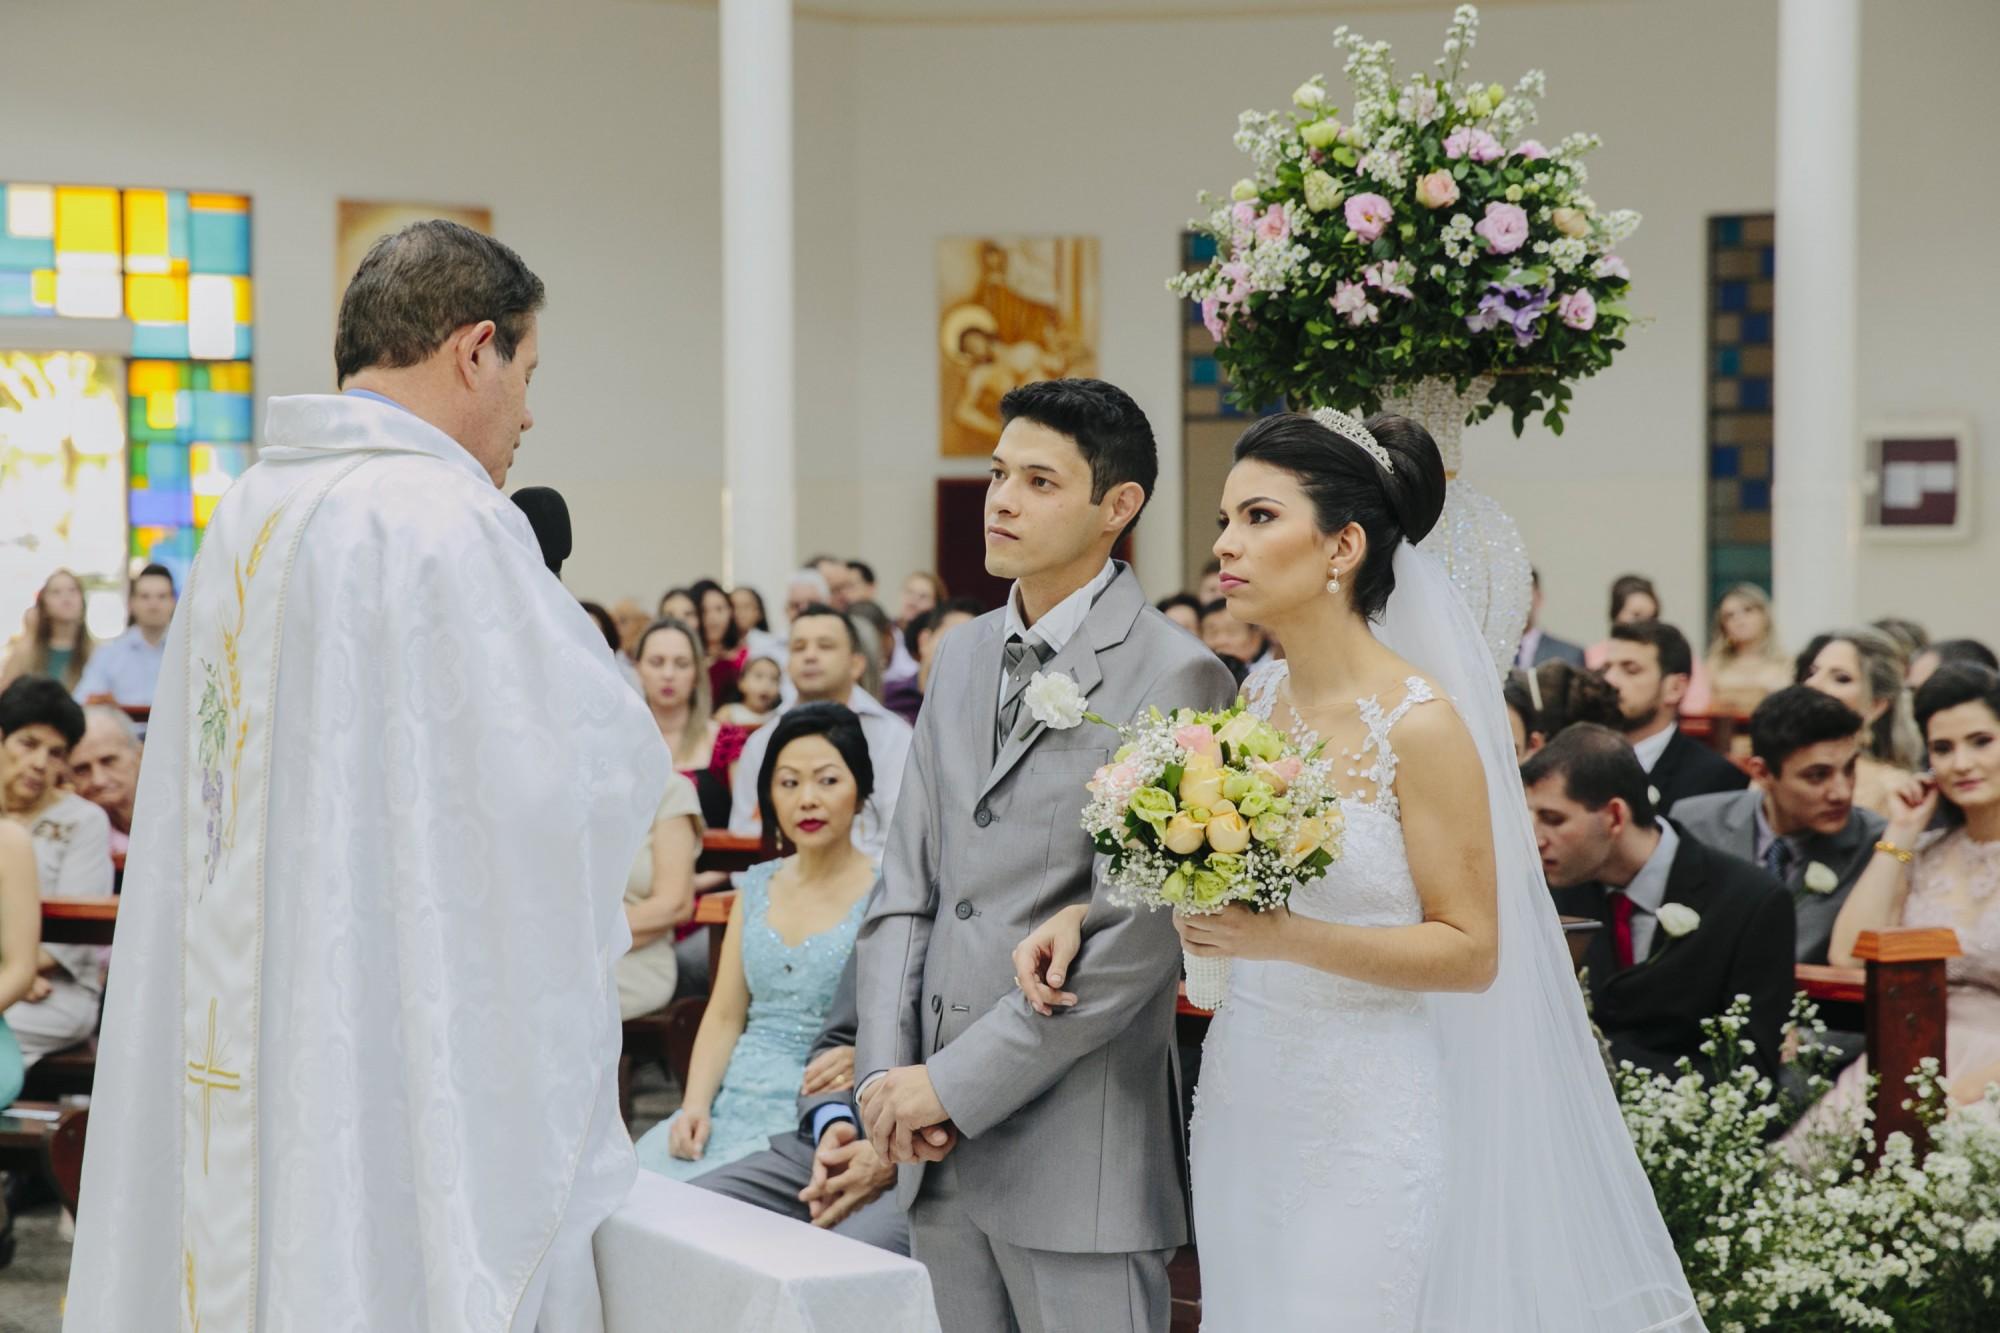 Casamento Camila Rampim e Rafael em Terra Roxa - Paraná - por Lorran Souza e Léia Sotile - fotografos de casamentos - 28